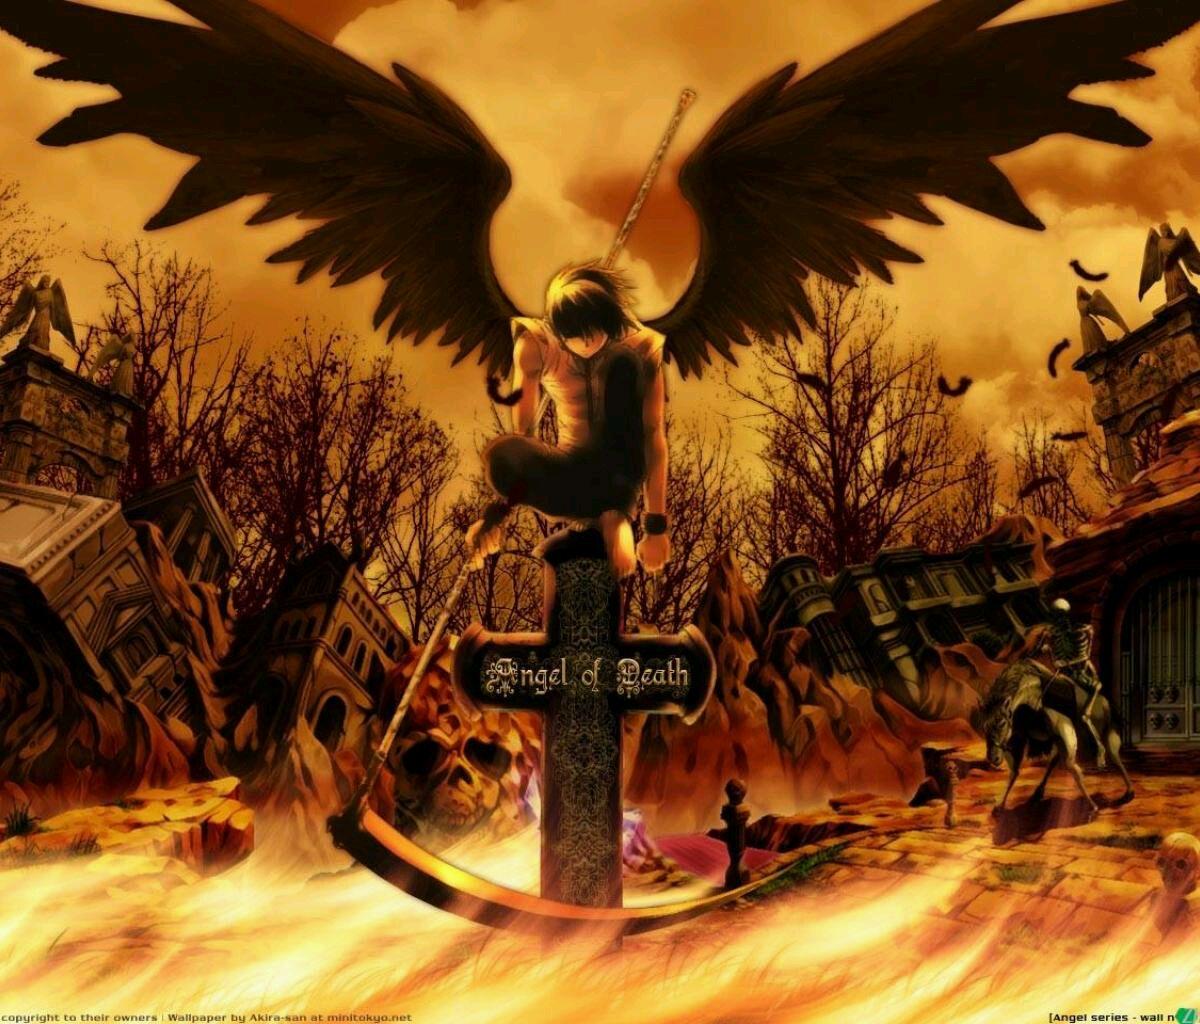 死の天使 死の天使壁紙 10x1024 Wallpapertip